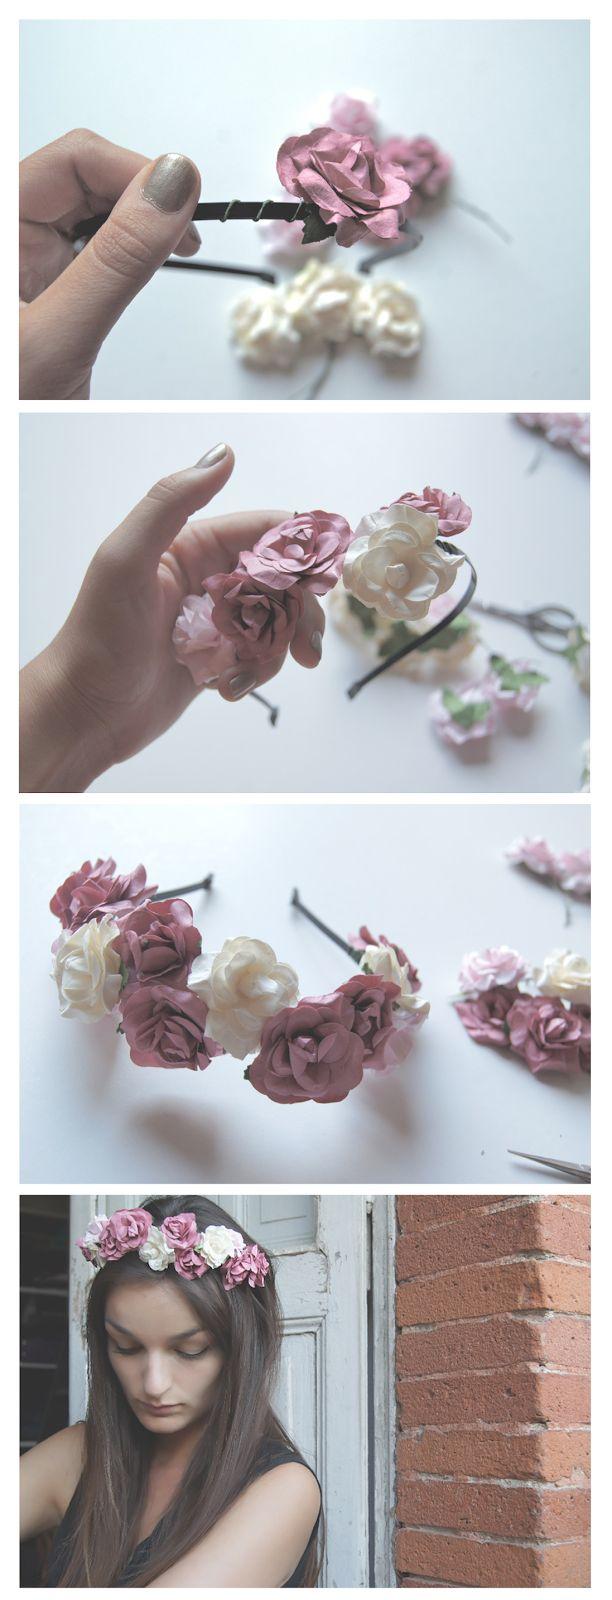 Fais ta propre couronne de fleurs sur La Rubrique à Brac